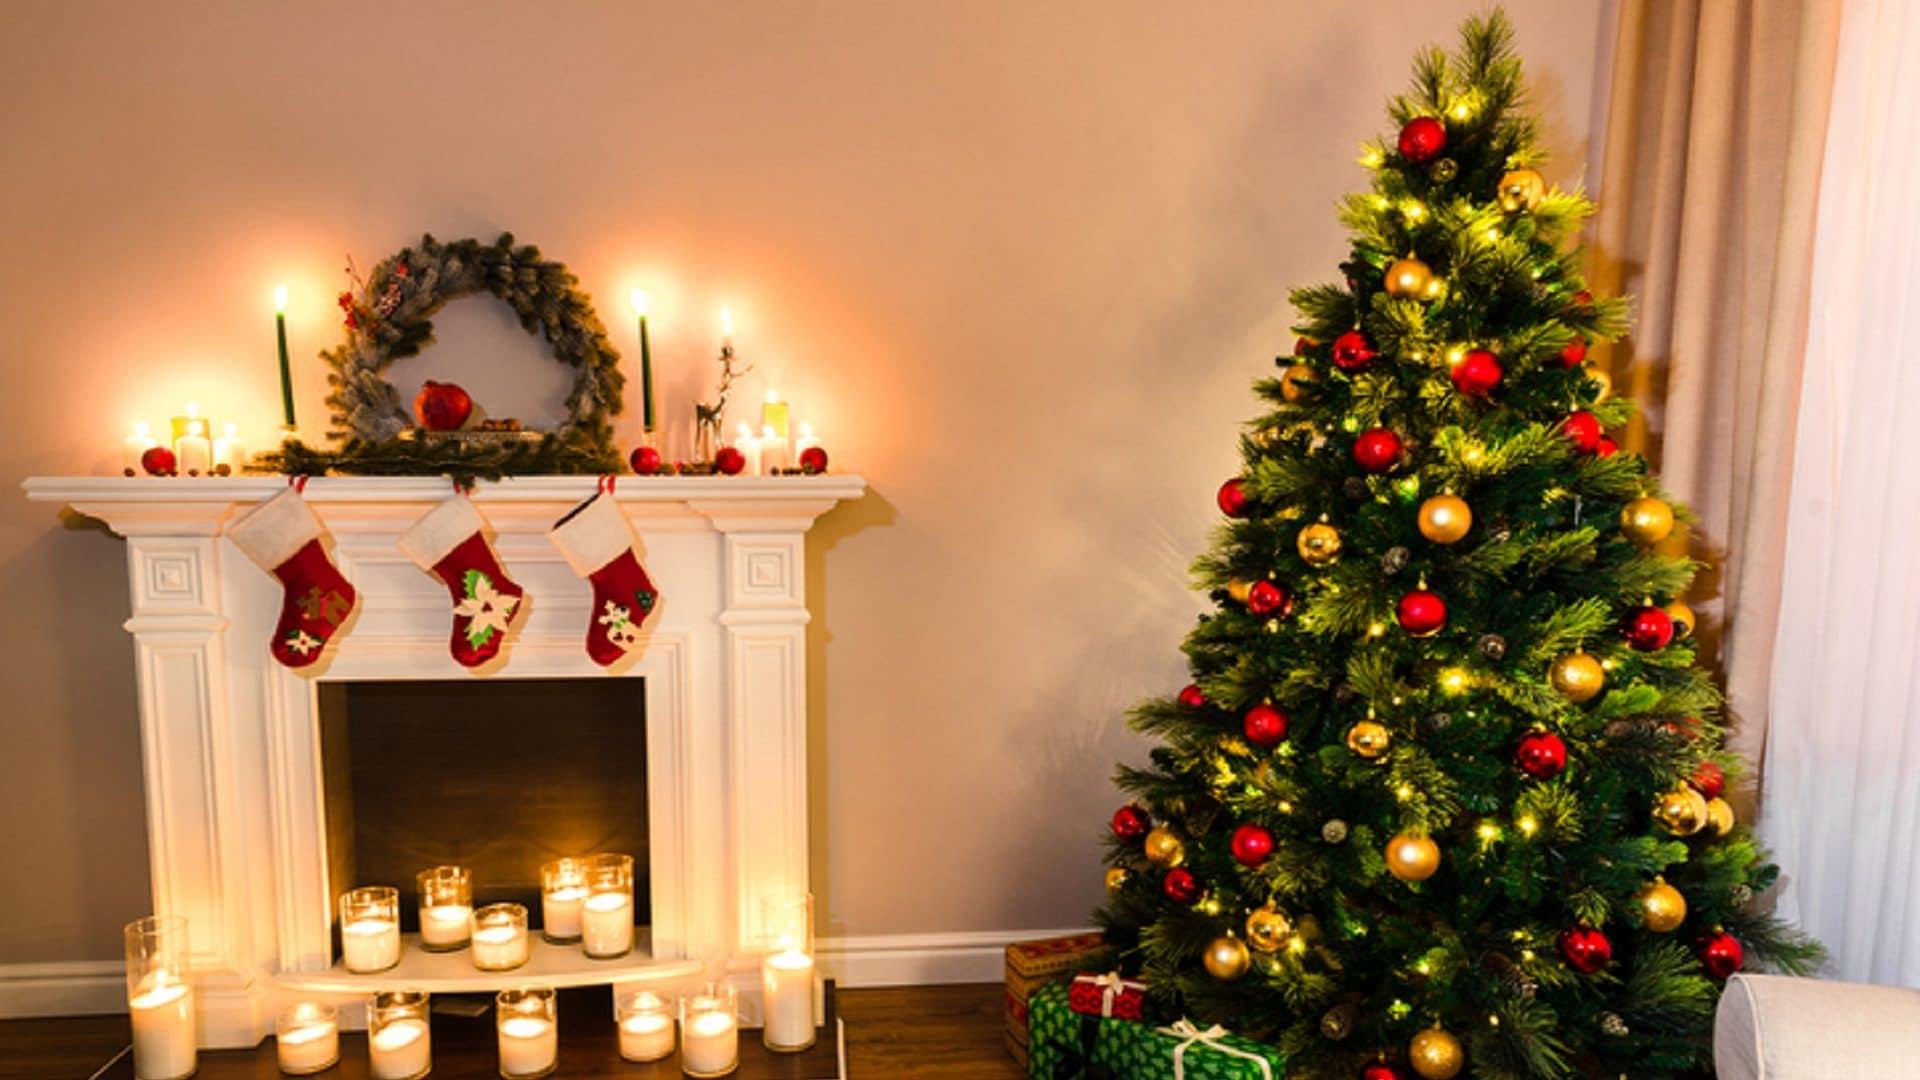 Alberi Di Natale Come Addobbarli Foto.Come Decorare L Albero Di Natale 10 Idee E Le Regole Per Addobbarlo Alla Perfezione